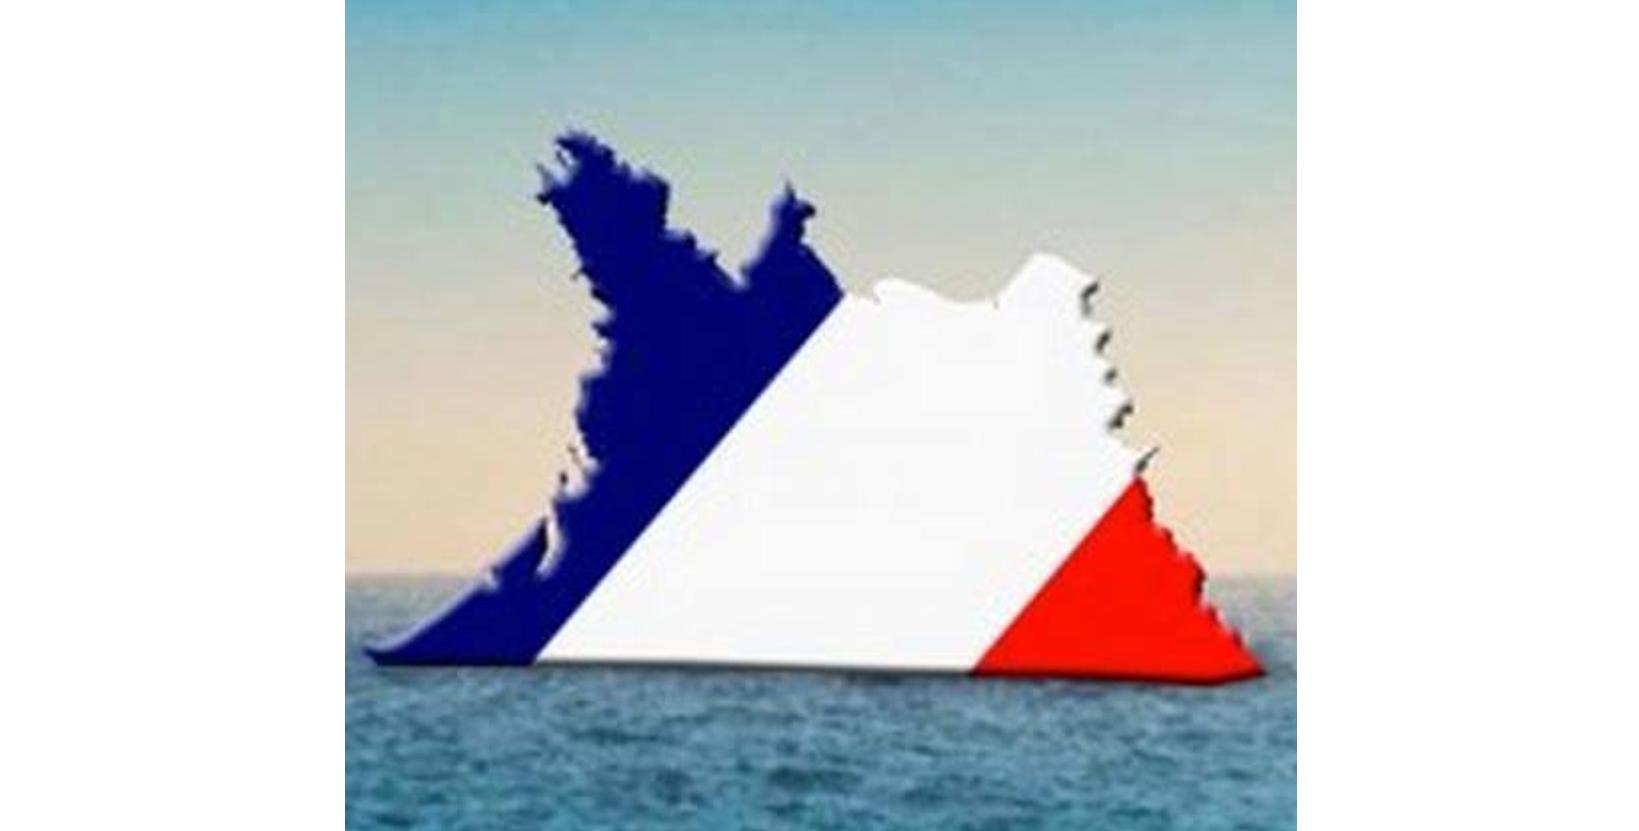 Macron, Attali, Onfray, Zemmour et Polony sont dans un bateau…